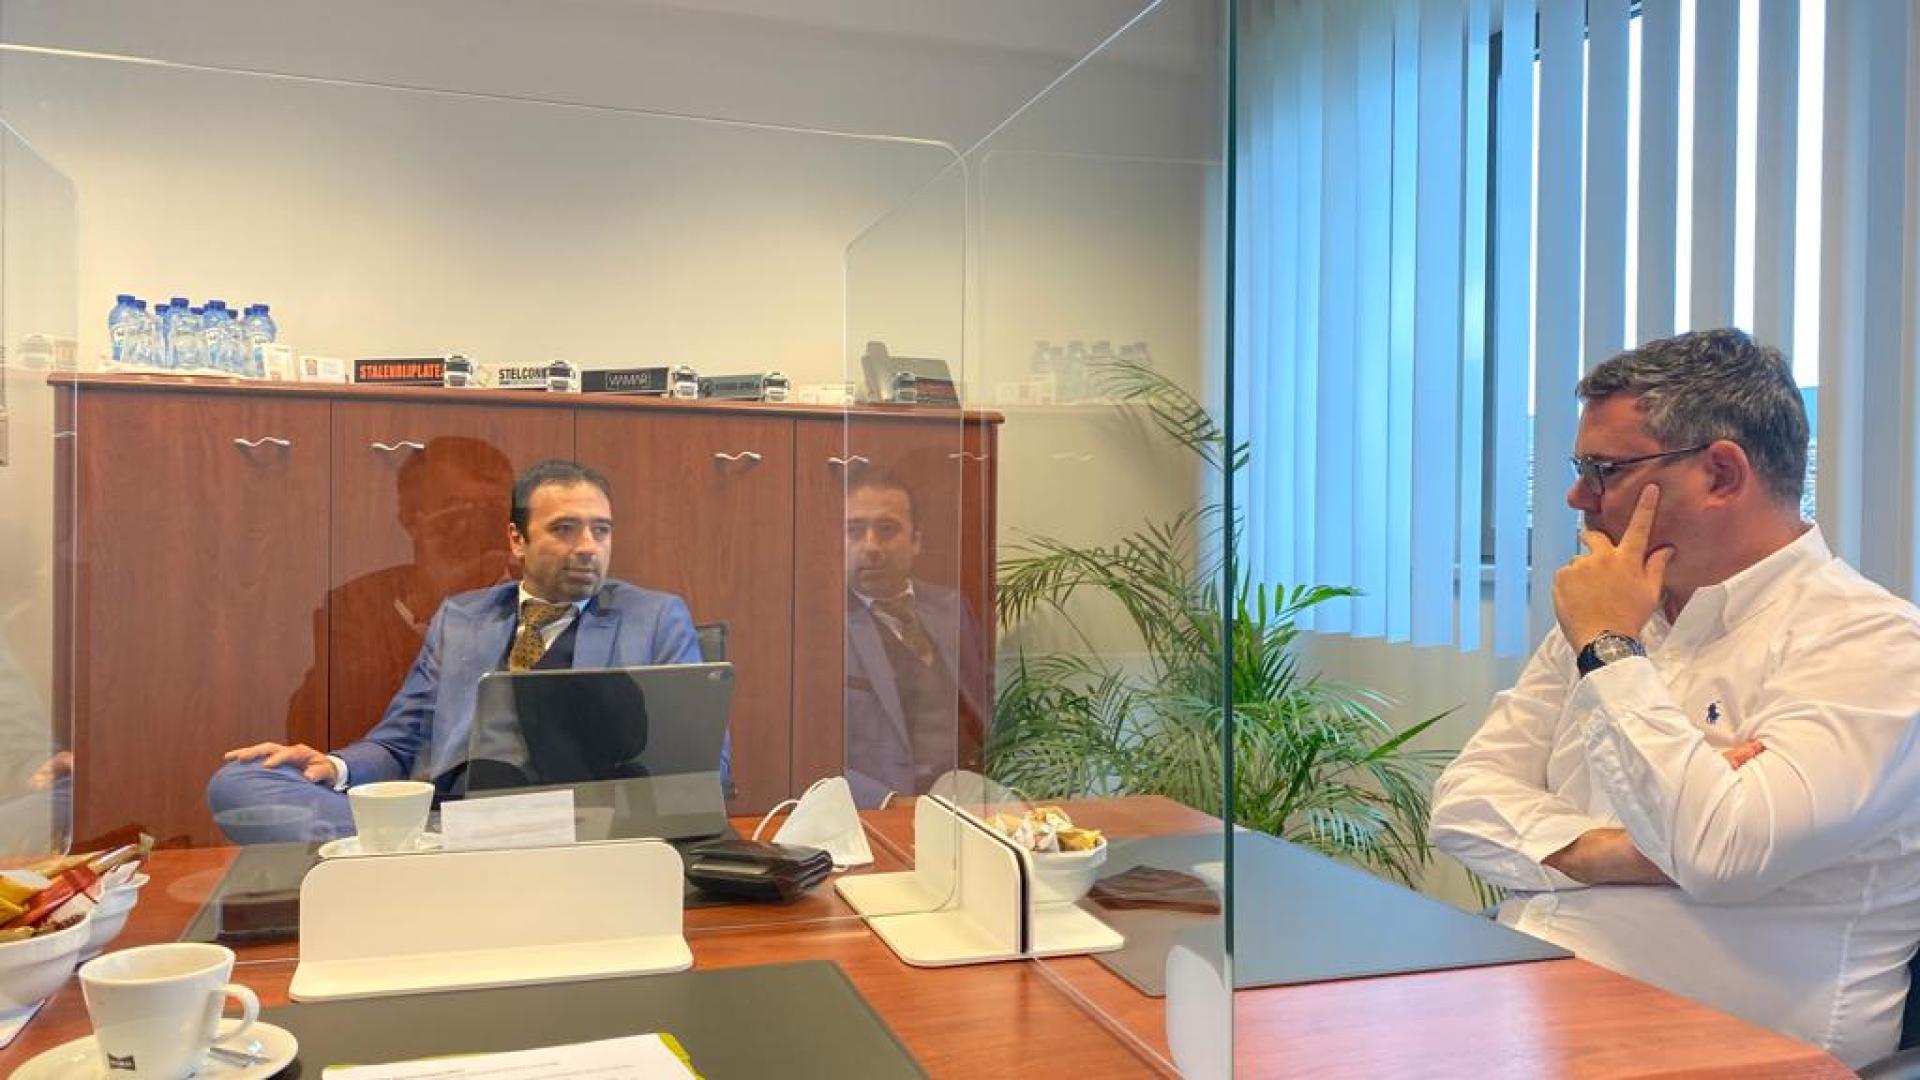 Verwelkoming op kantoor Viamar in Temse